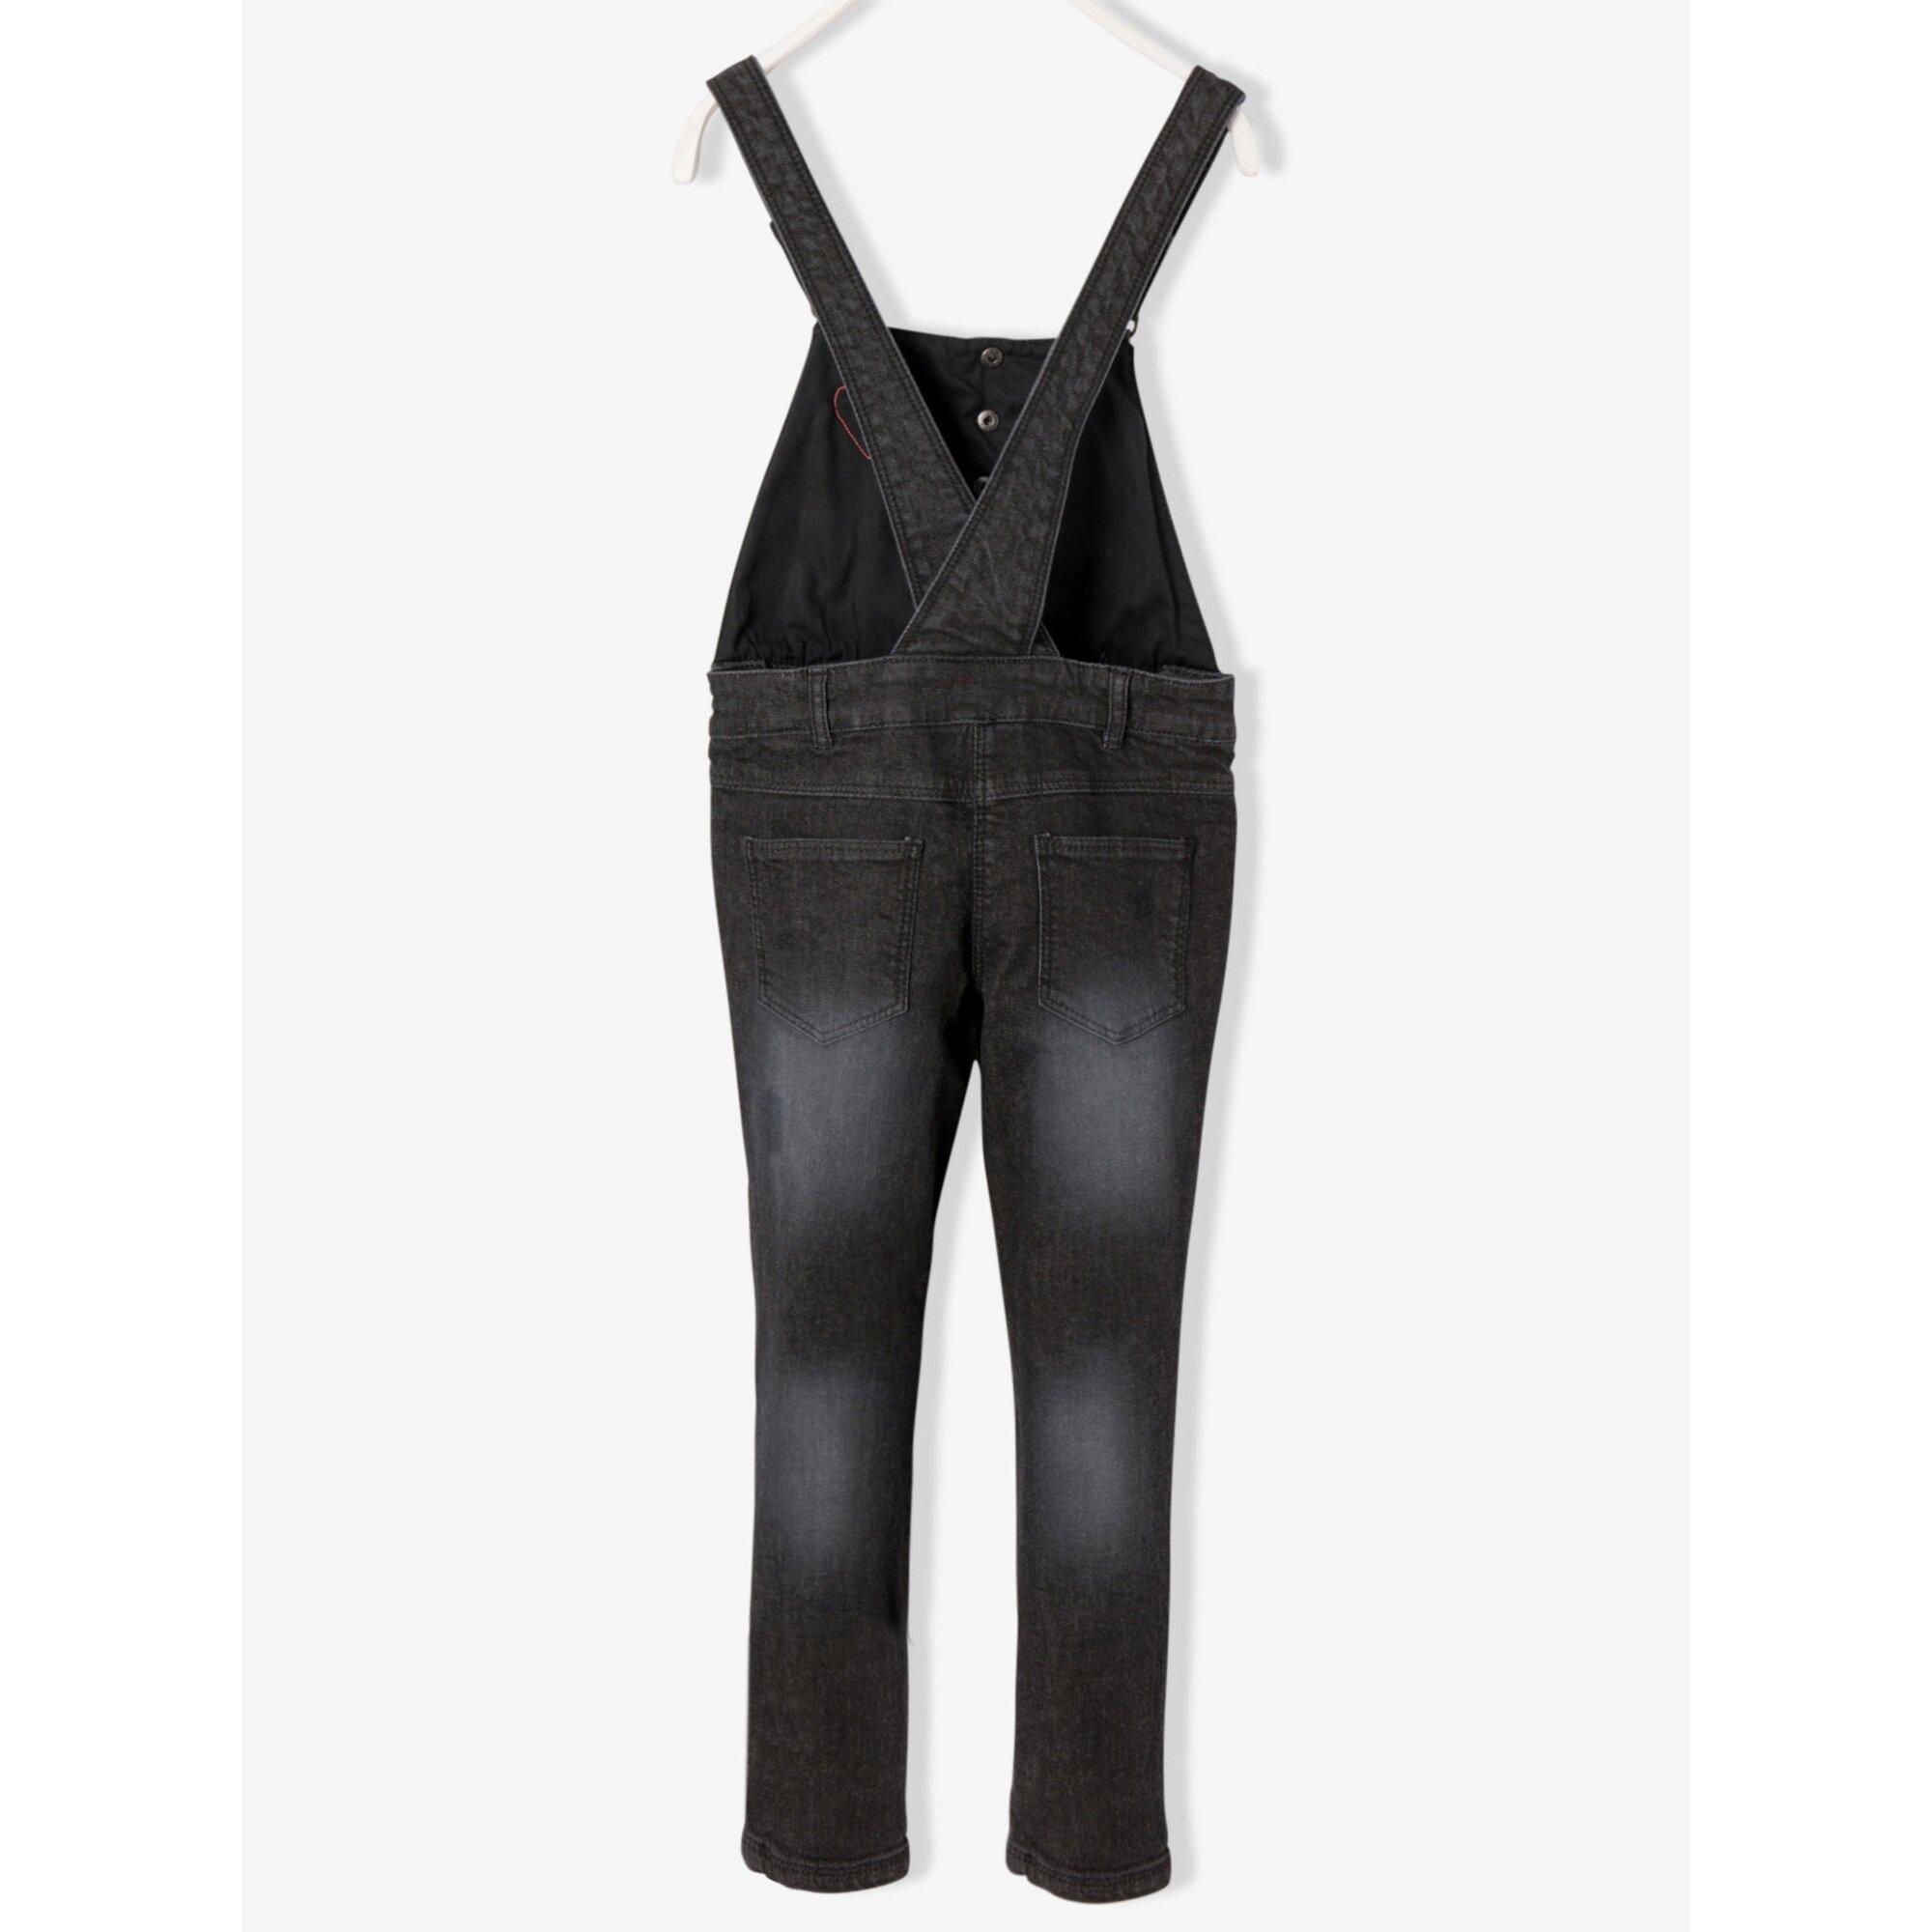 vertbaudet-jeans-latzhose-fur-madchen-stretch, 35.99 EUR @ babywalz-de